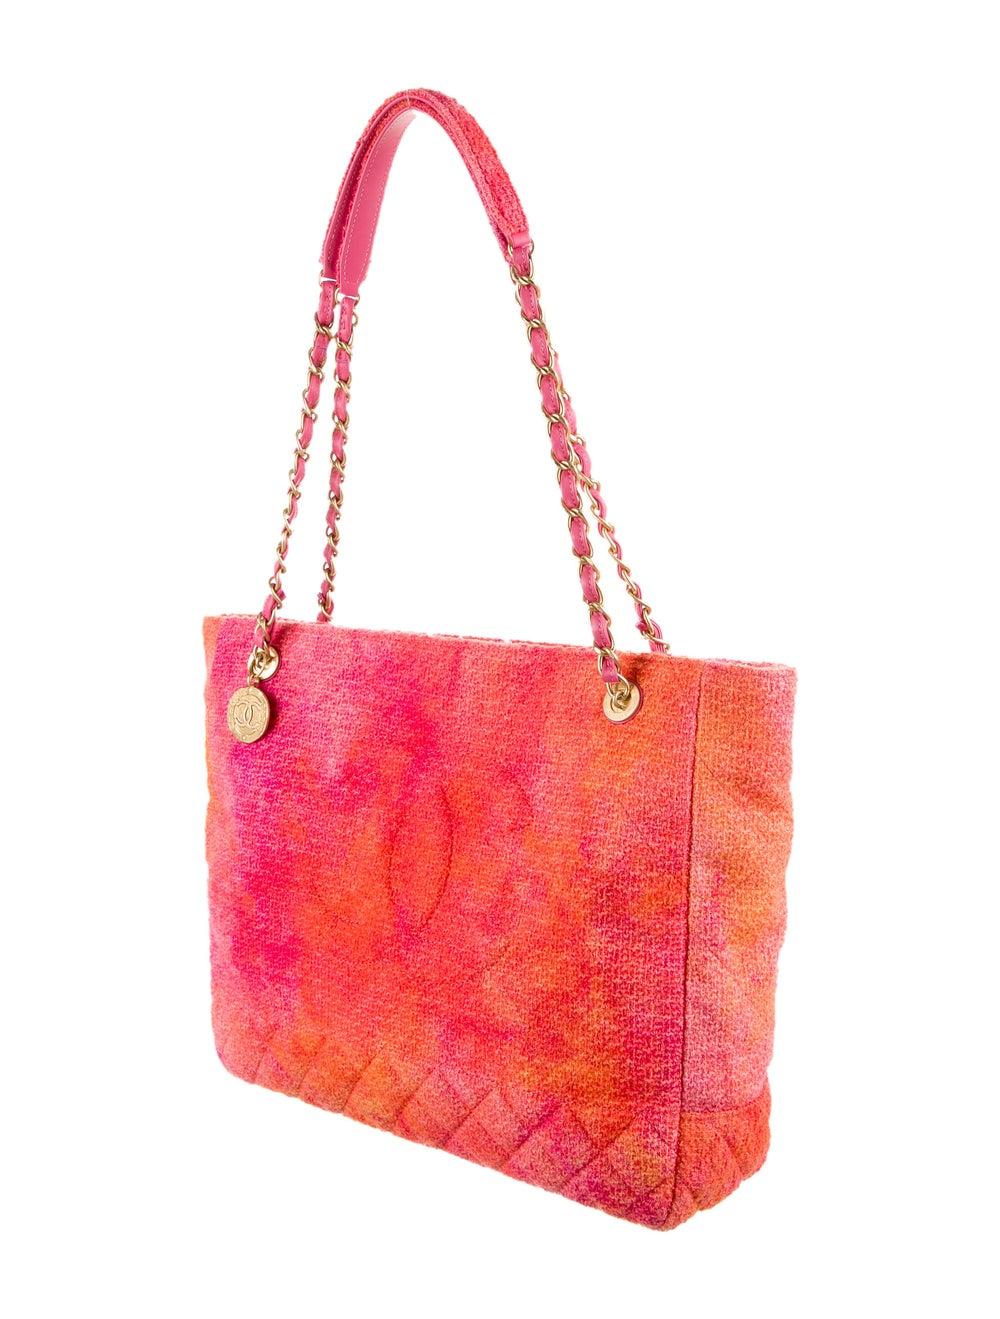 Chanel 2020 Tweed Large Shopping Bag Pink - image 3